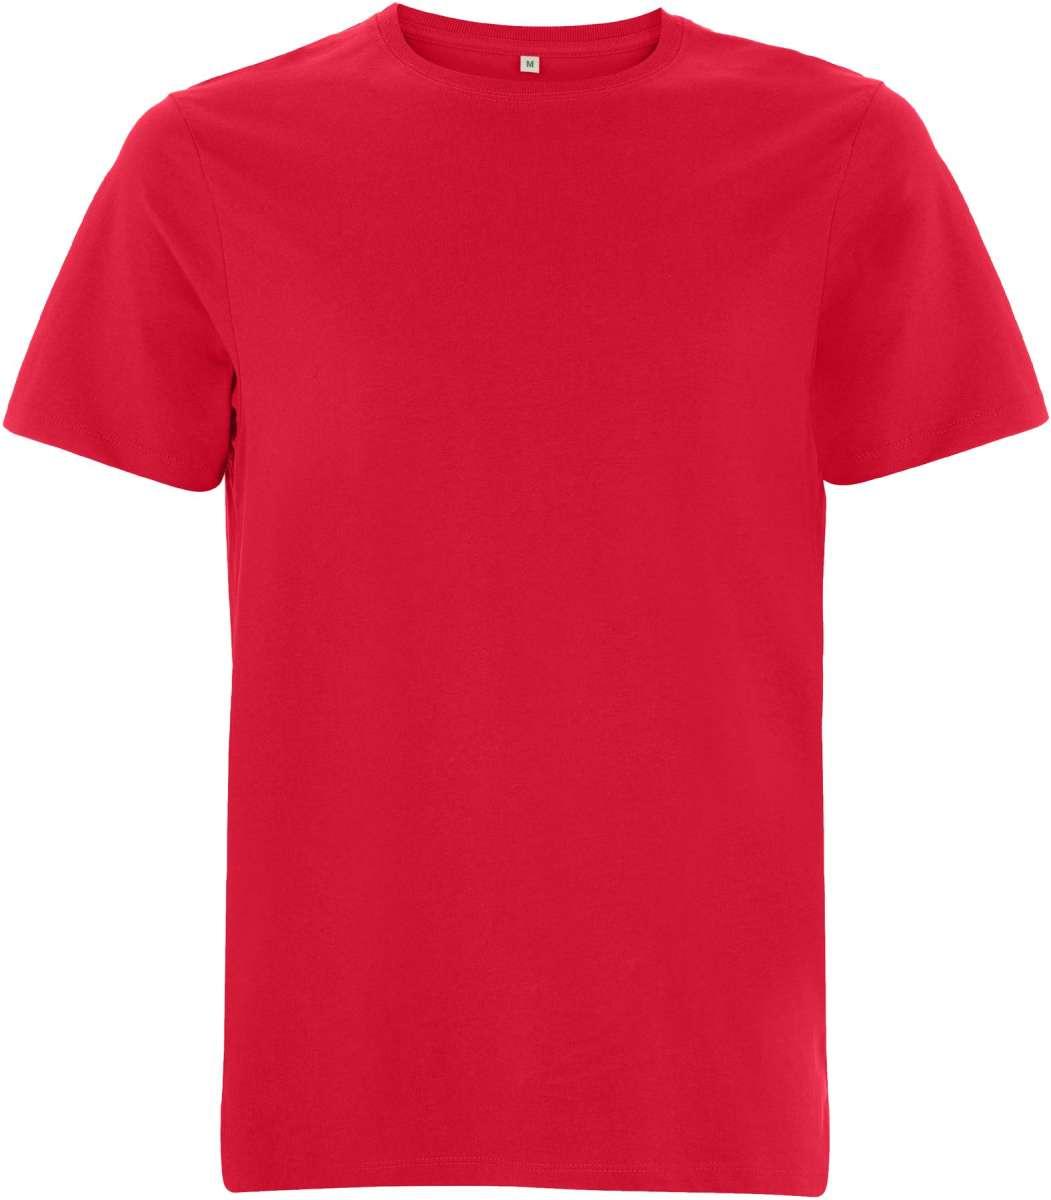 Za7lig   Men's Basic Cut T-shirt